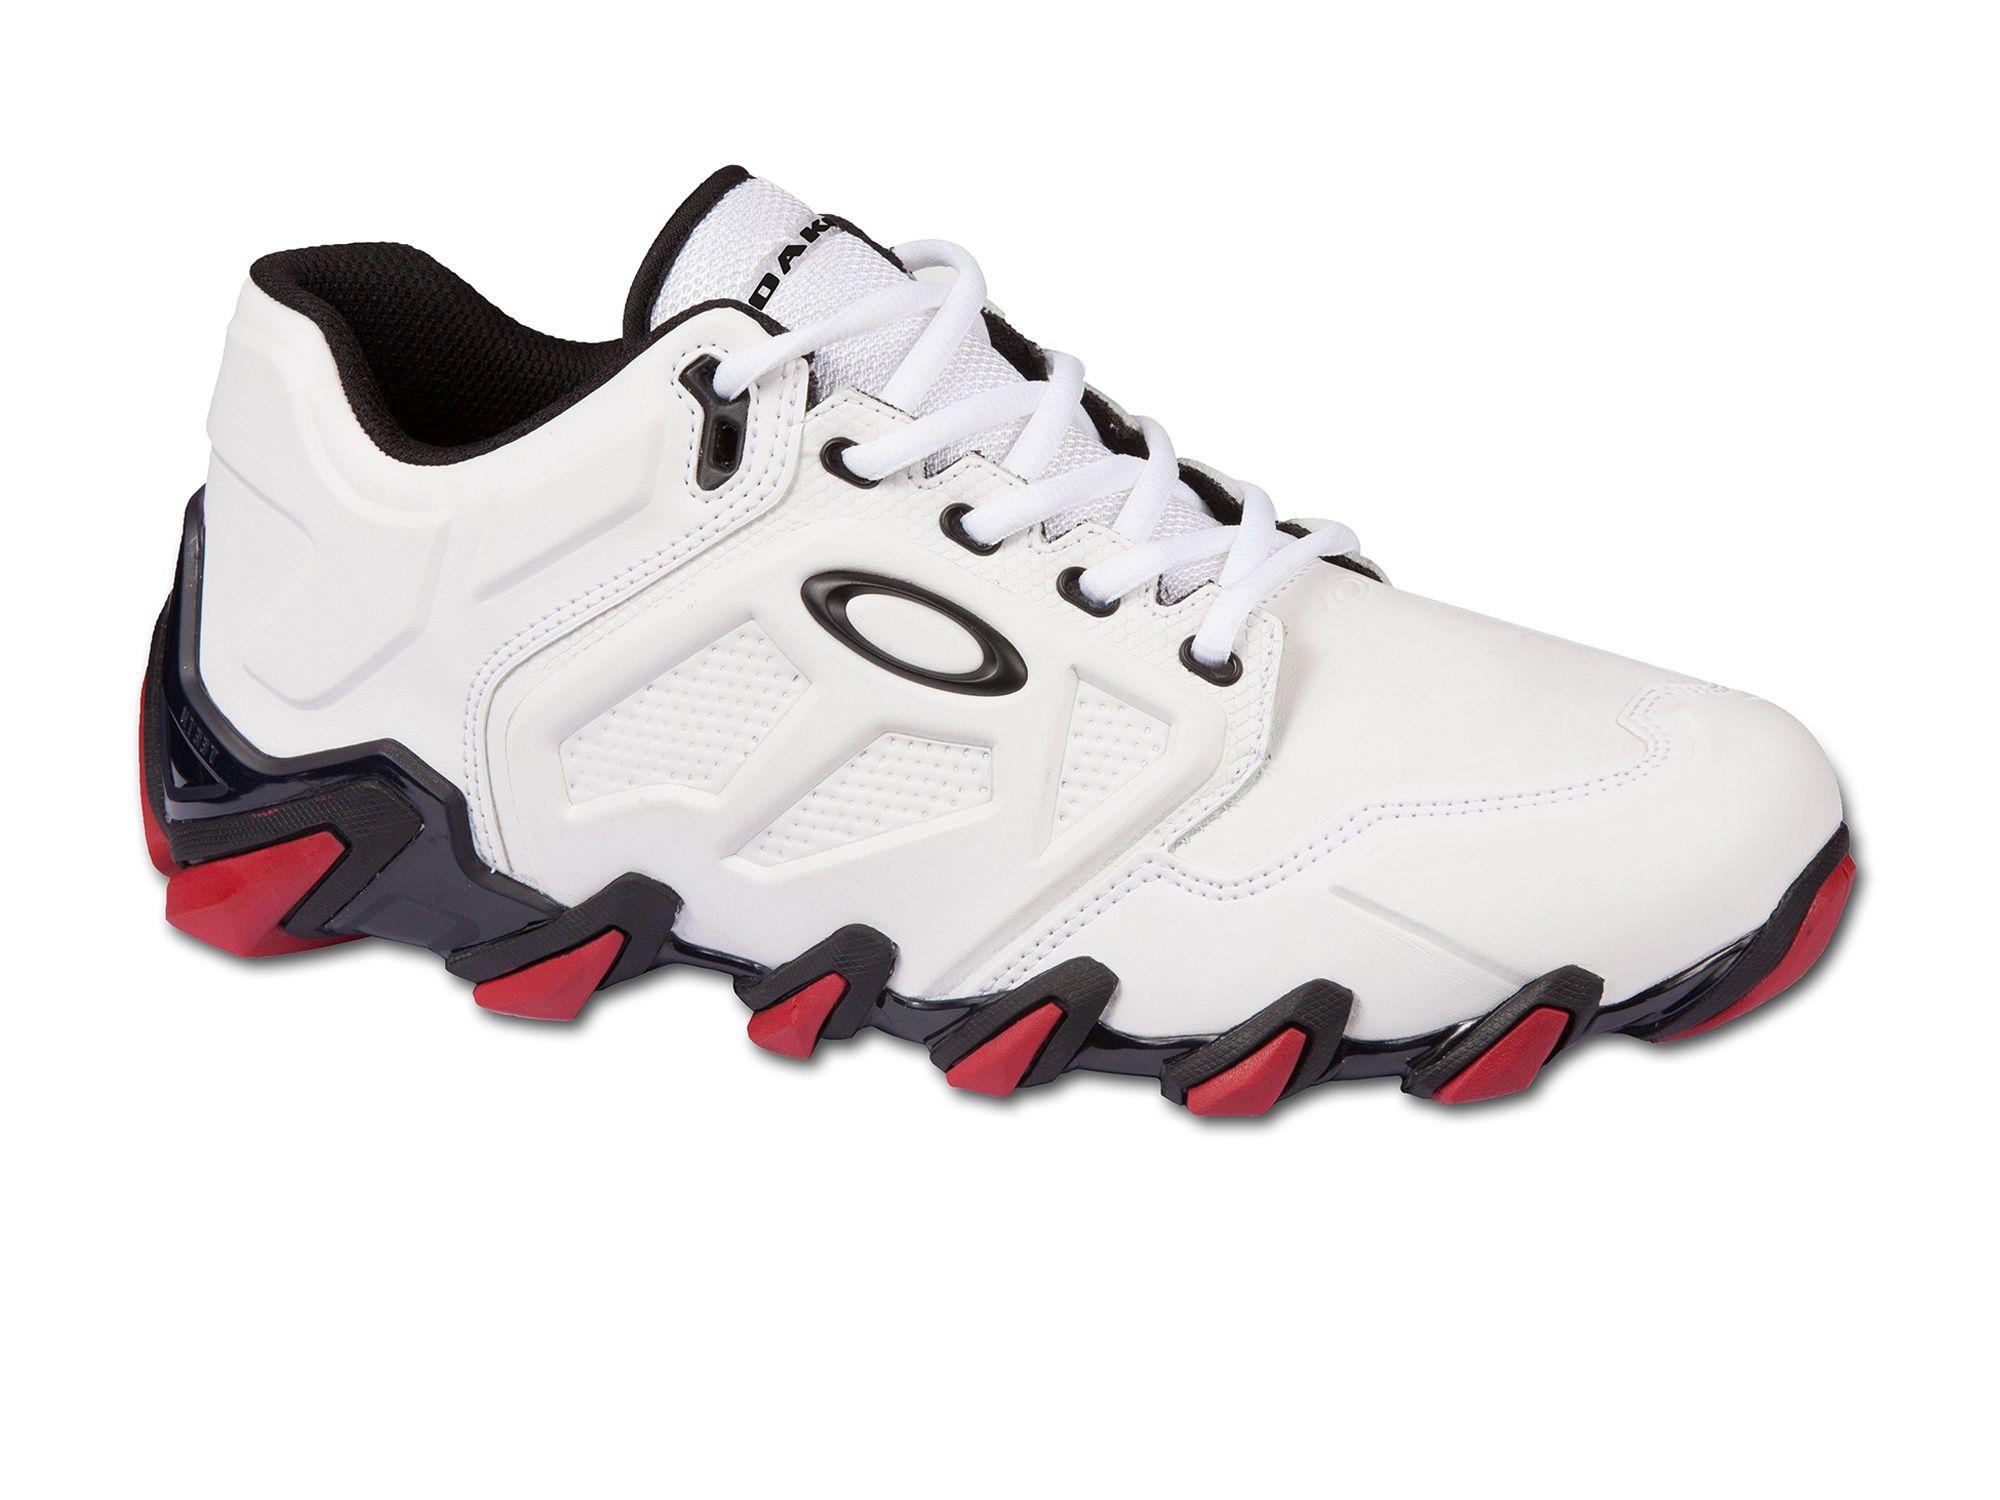 Resultado de imagem para bota da oakley feminina  4d02b57eb9e